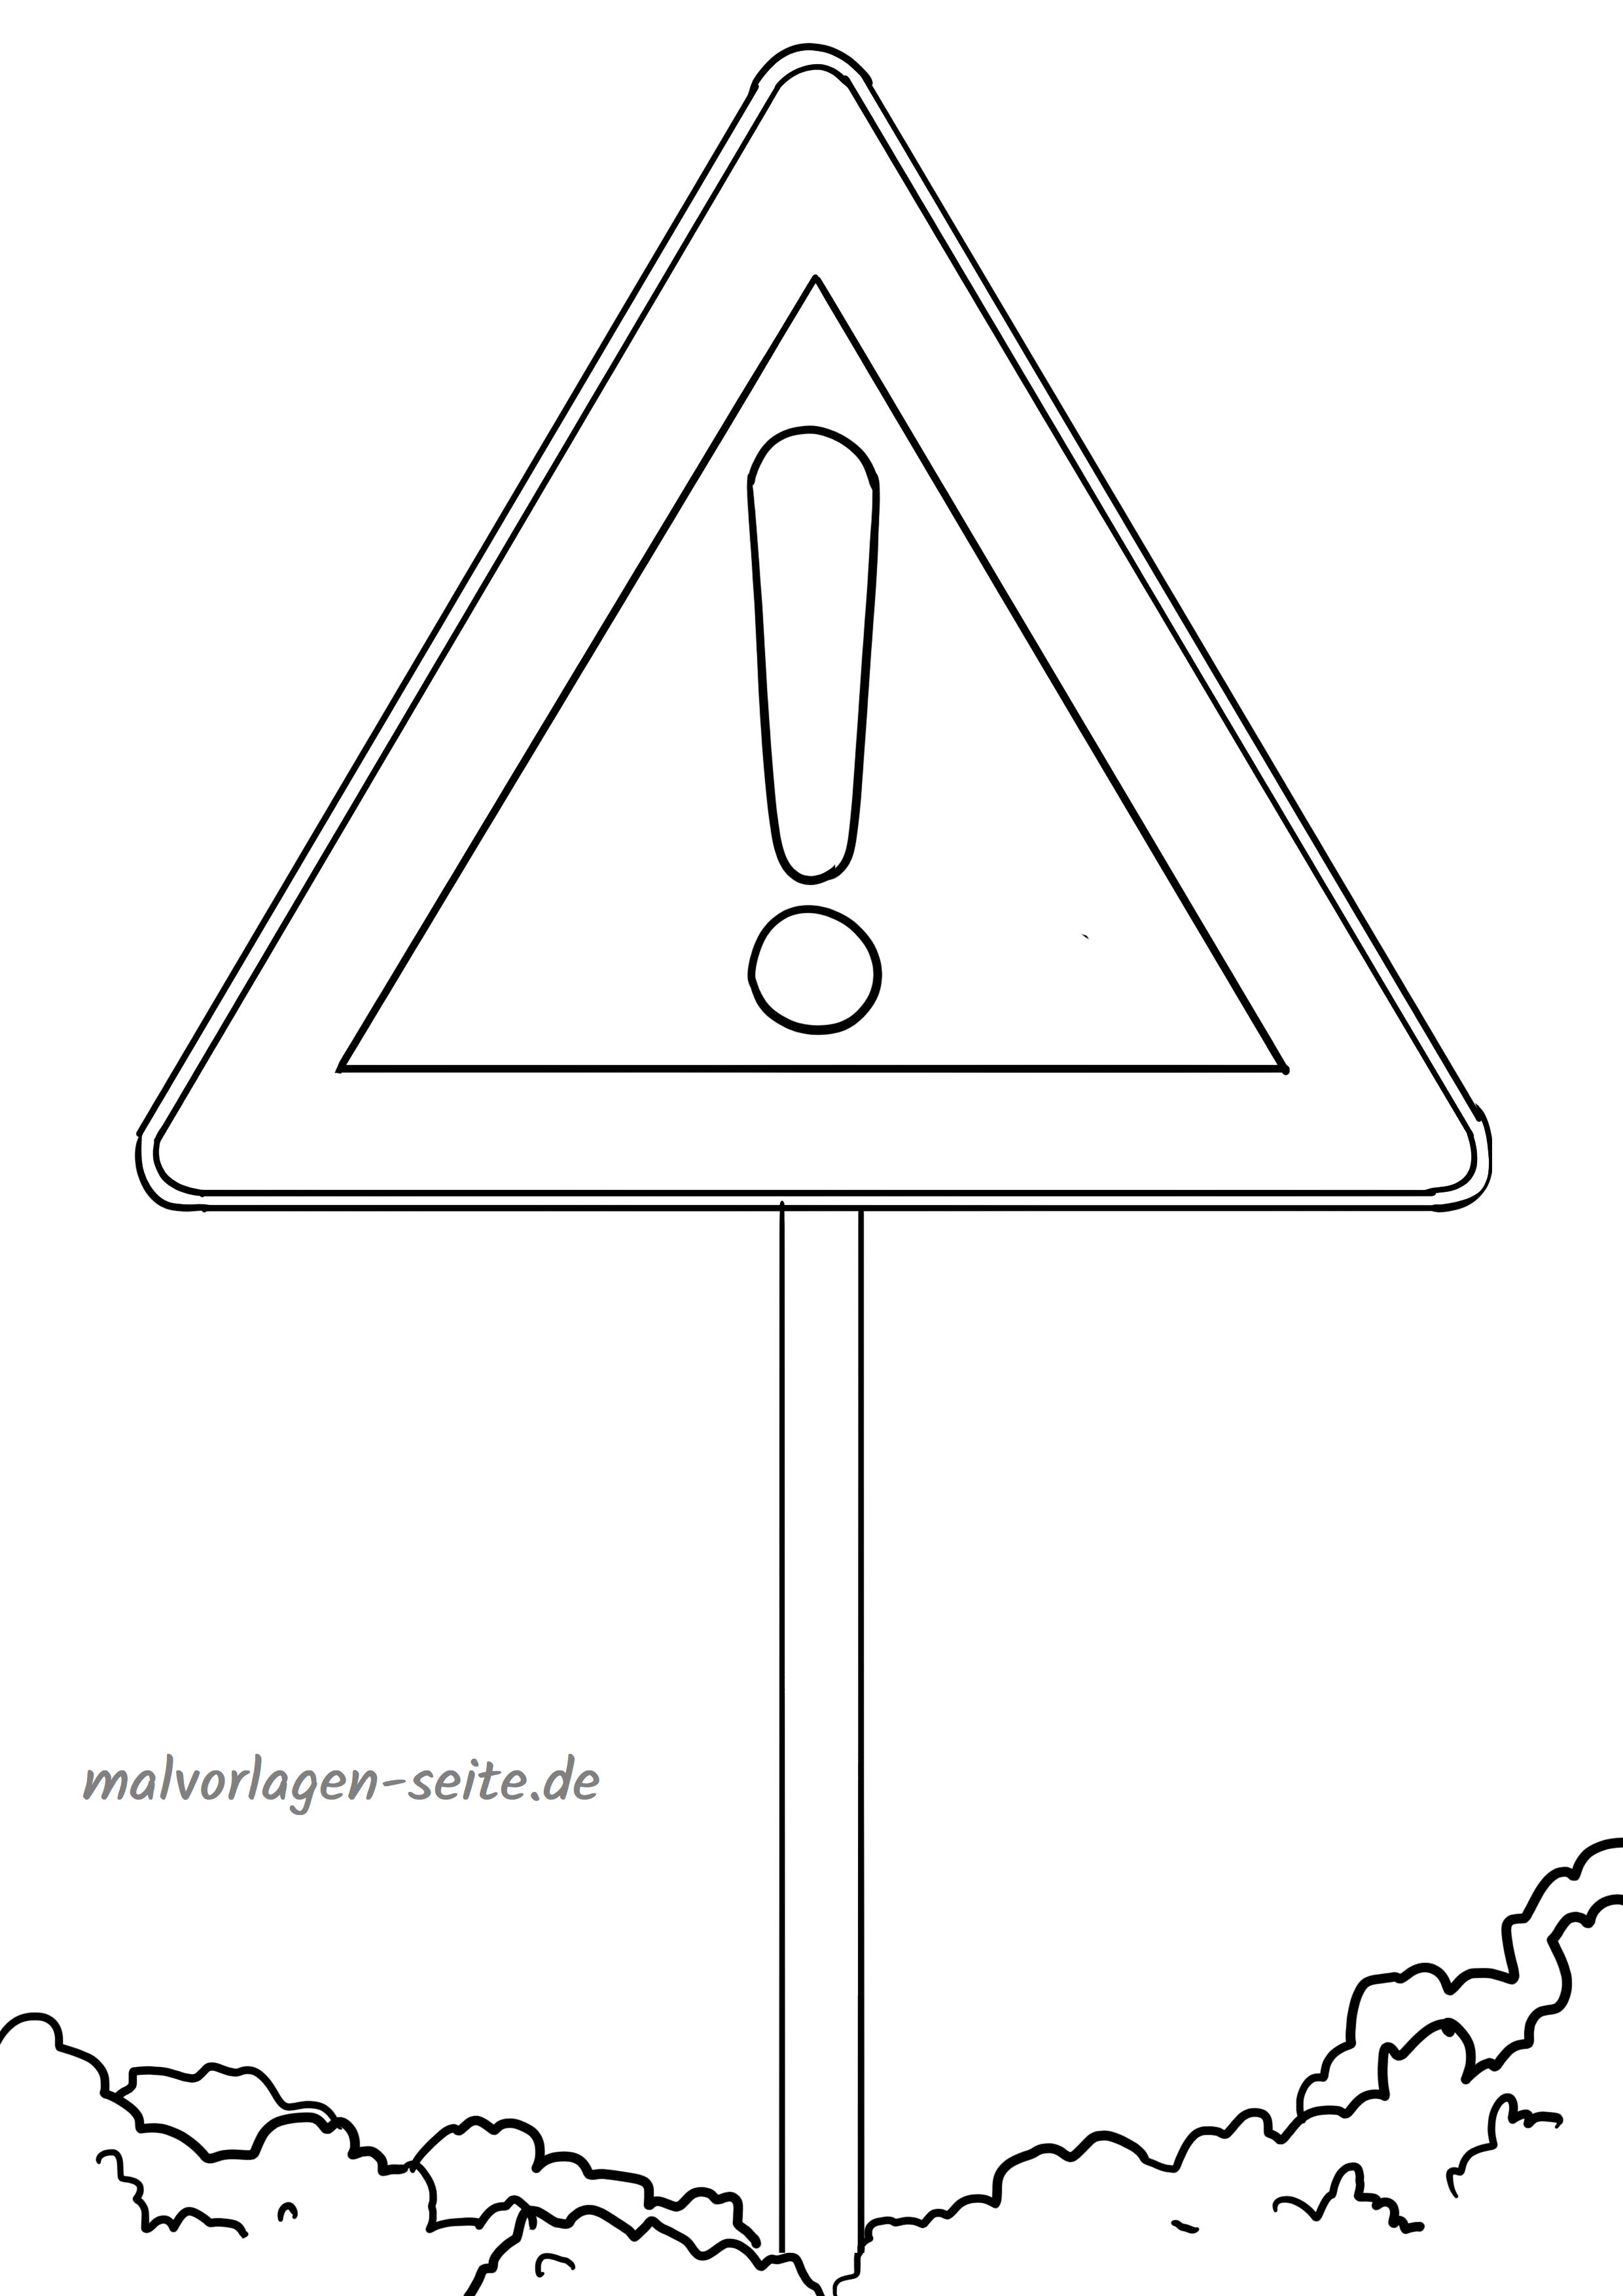 Verkehrszeichen Achtung Malvorlage Gratis Malvorlagen Zum Download